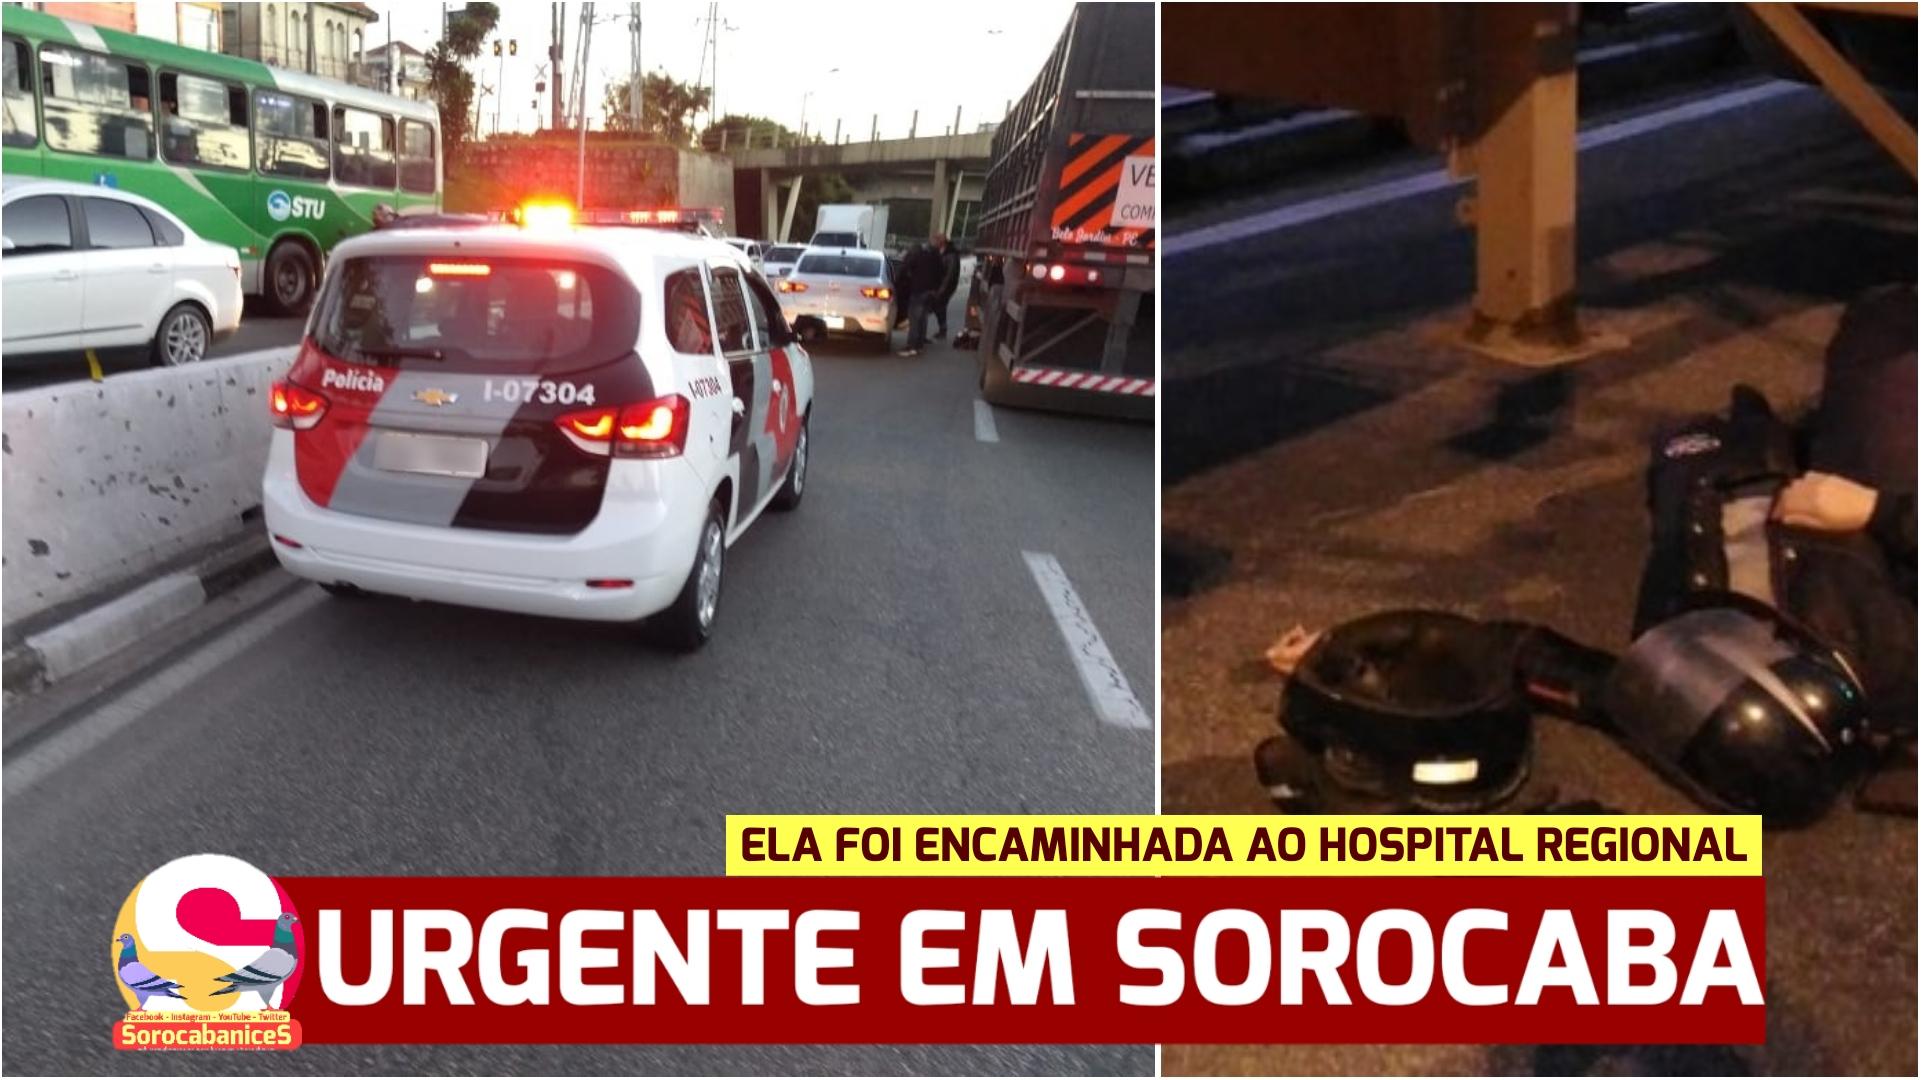 Motociclista bate em traseira de carro e cai embaixo de carreta em avenida de Sorocaba